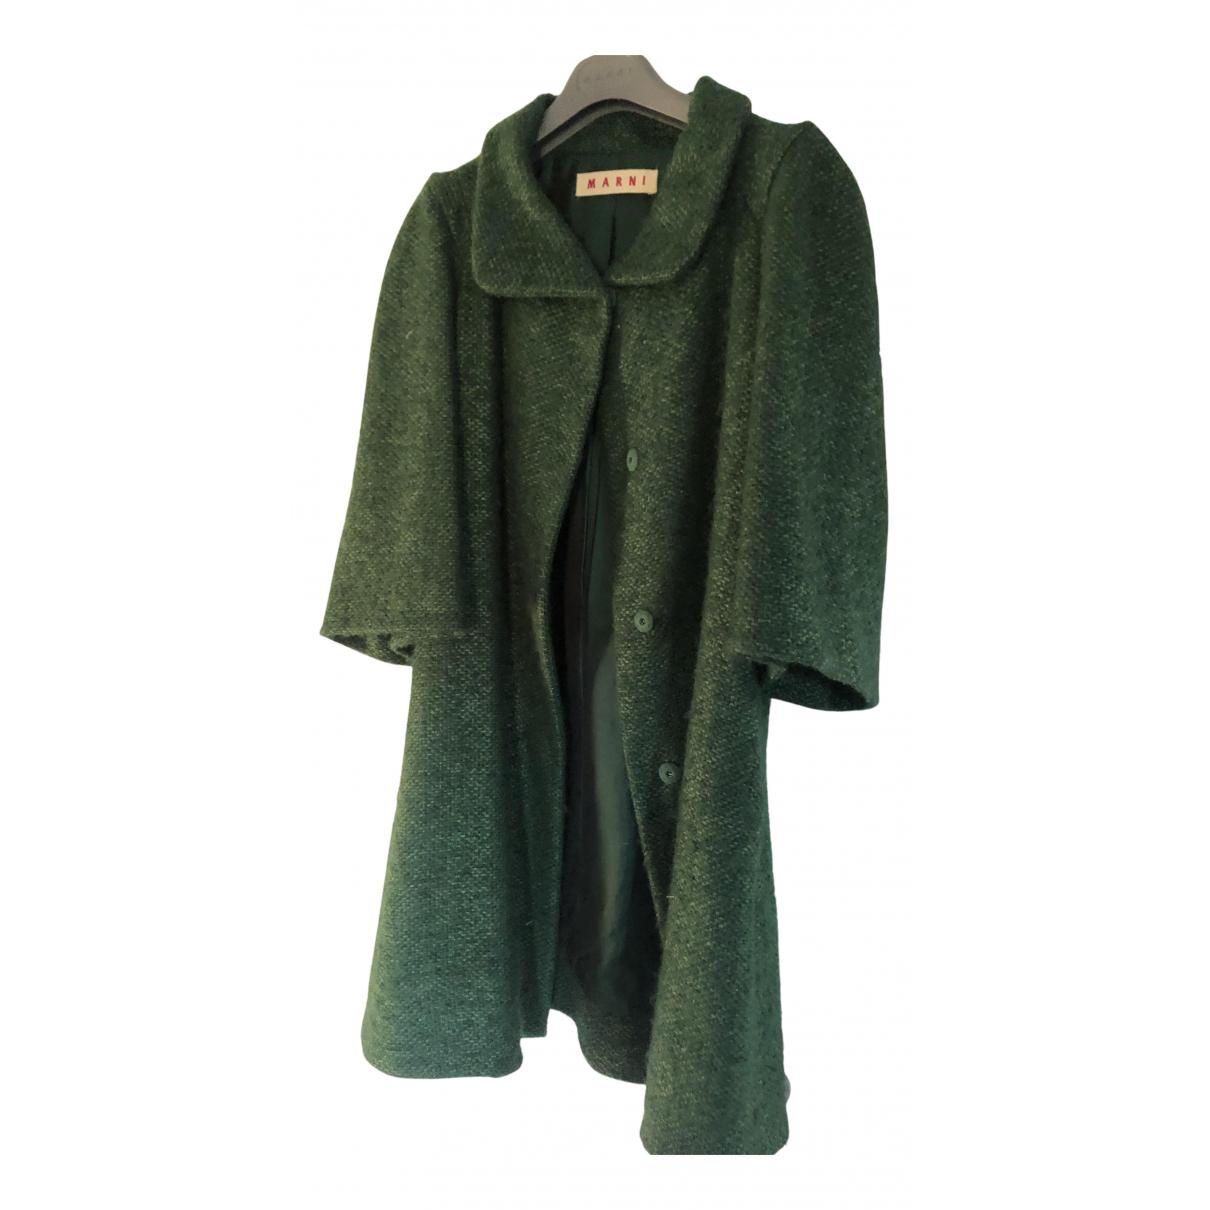 Marni - Manteau   pour femme en laine - vert